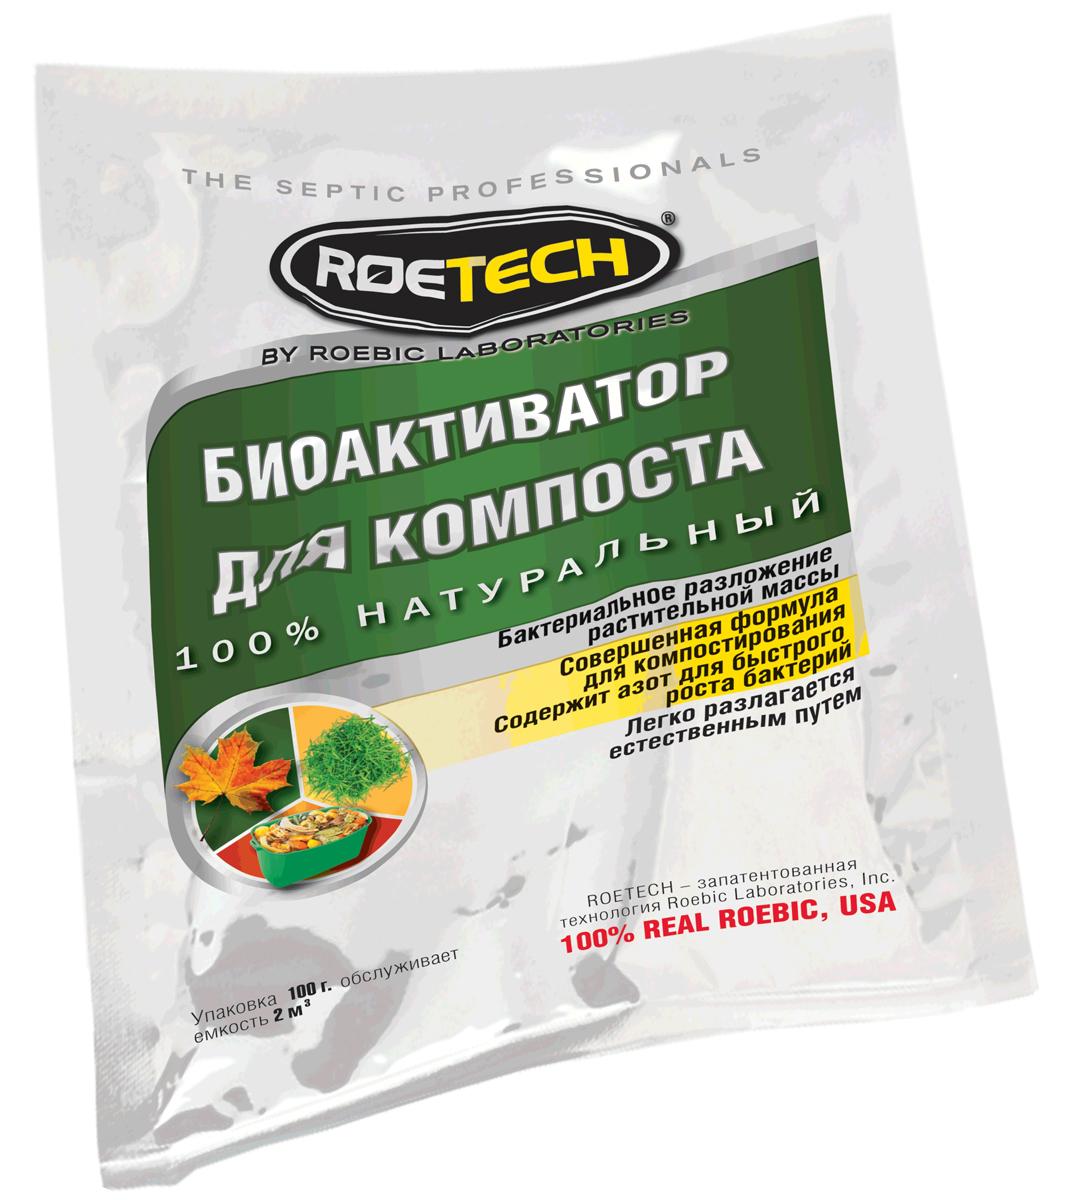 БиоАктиватор для компоста Roetech, 100 гC0042416Совершенная бактериальная формула для ускорения естественных процессах в компостных ямах. Перерабатывает зеленую и сухую траву, листья, овощные остатки и очистки.Пакет 100 гр.Состав: смесь бактерий и ферментов бактериального происхождения, порошок.